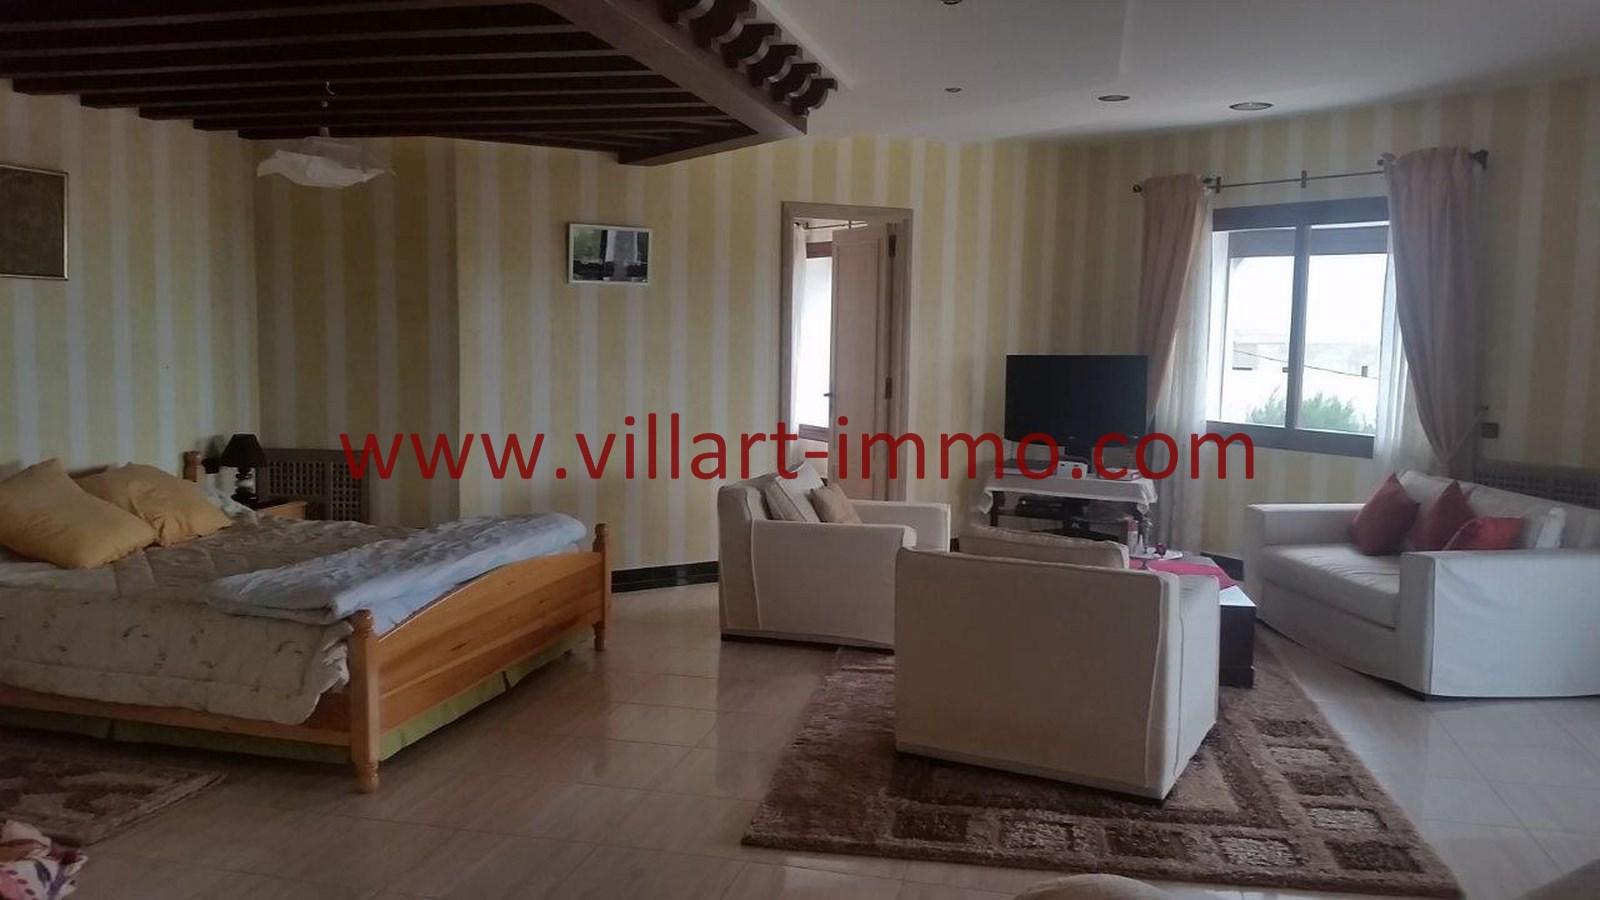 14-a-louer-villa-meublee-tanger-achakar-chambre-4-lsat914-villart-immo